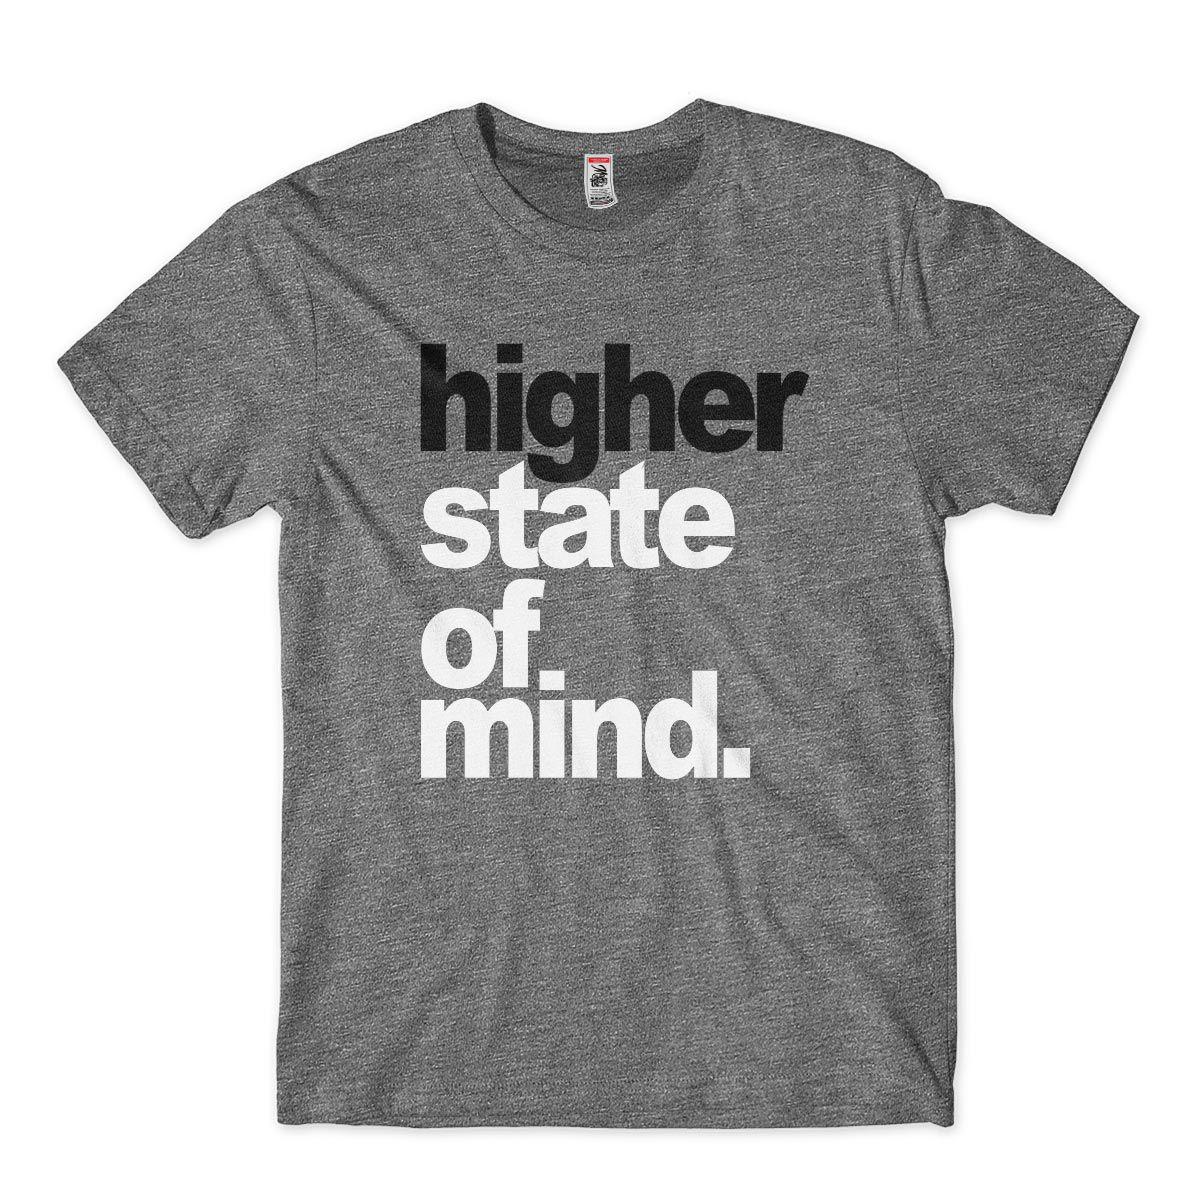 Camisa Higher State Of Mind Estado de consciencia elevada Cannabis